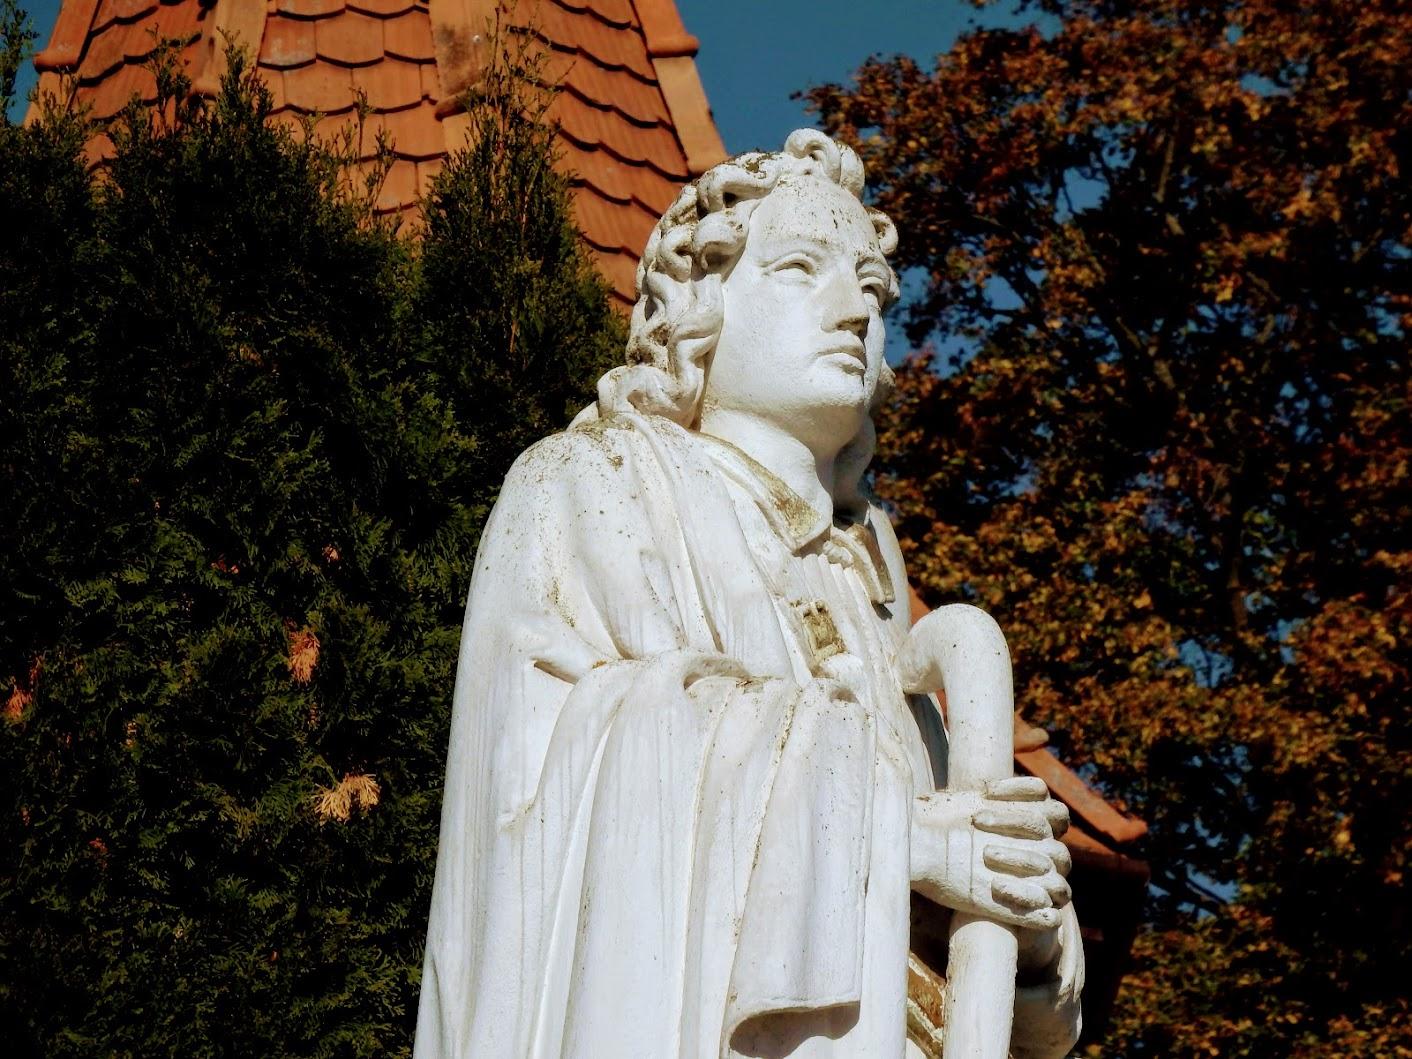 Chernelházadamonya - Szent Vendel-szobor (Vendel-kereszt)